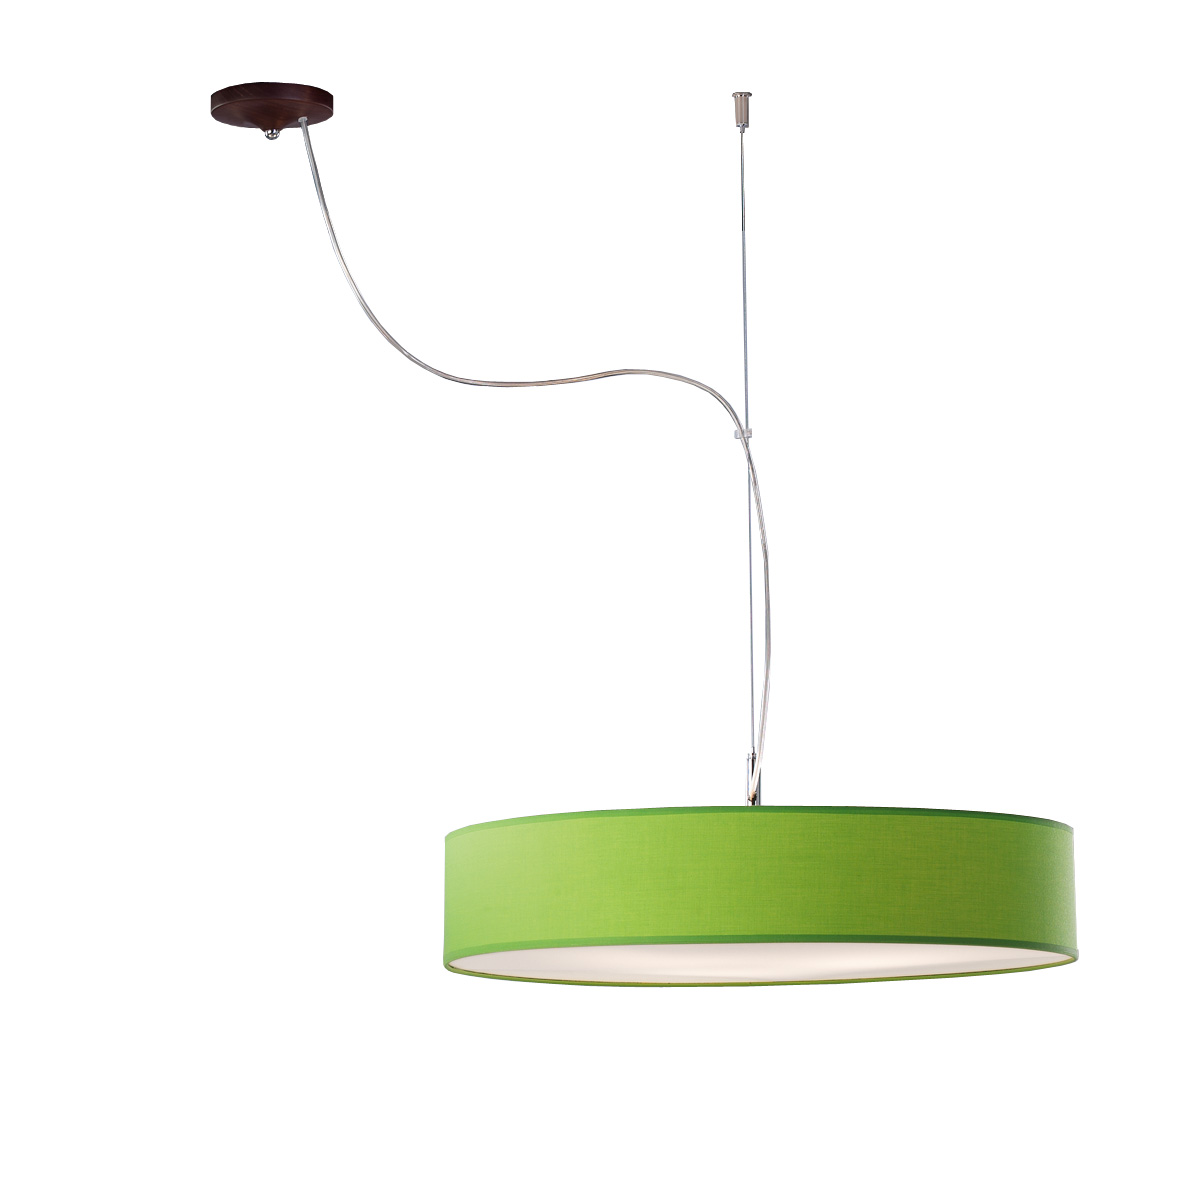 Πράσινο φωτιστικό DISCO ZEN green suspension lamp